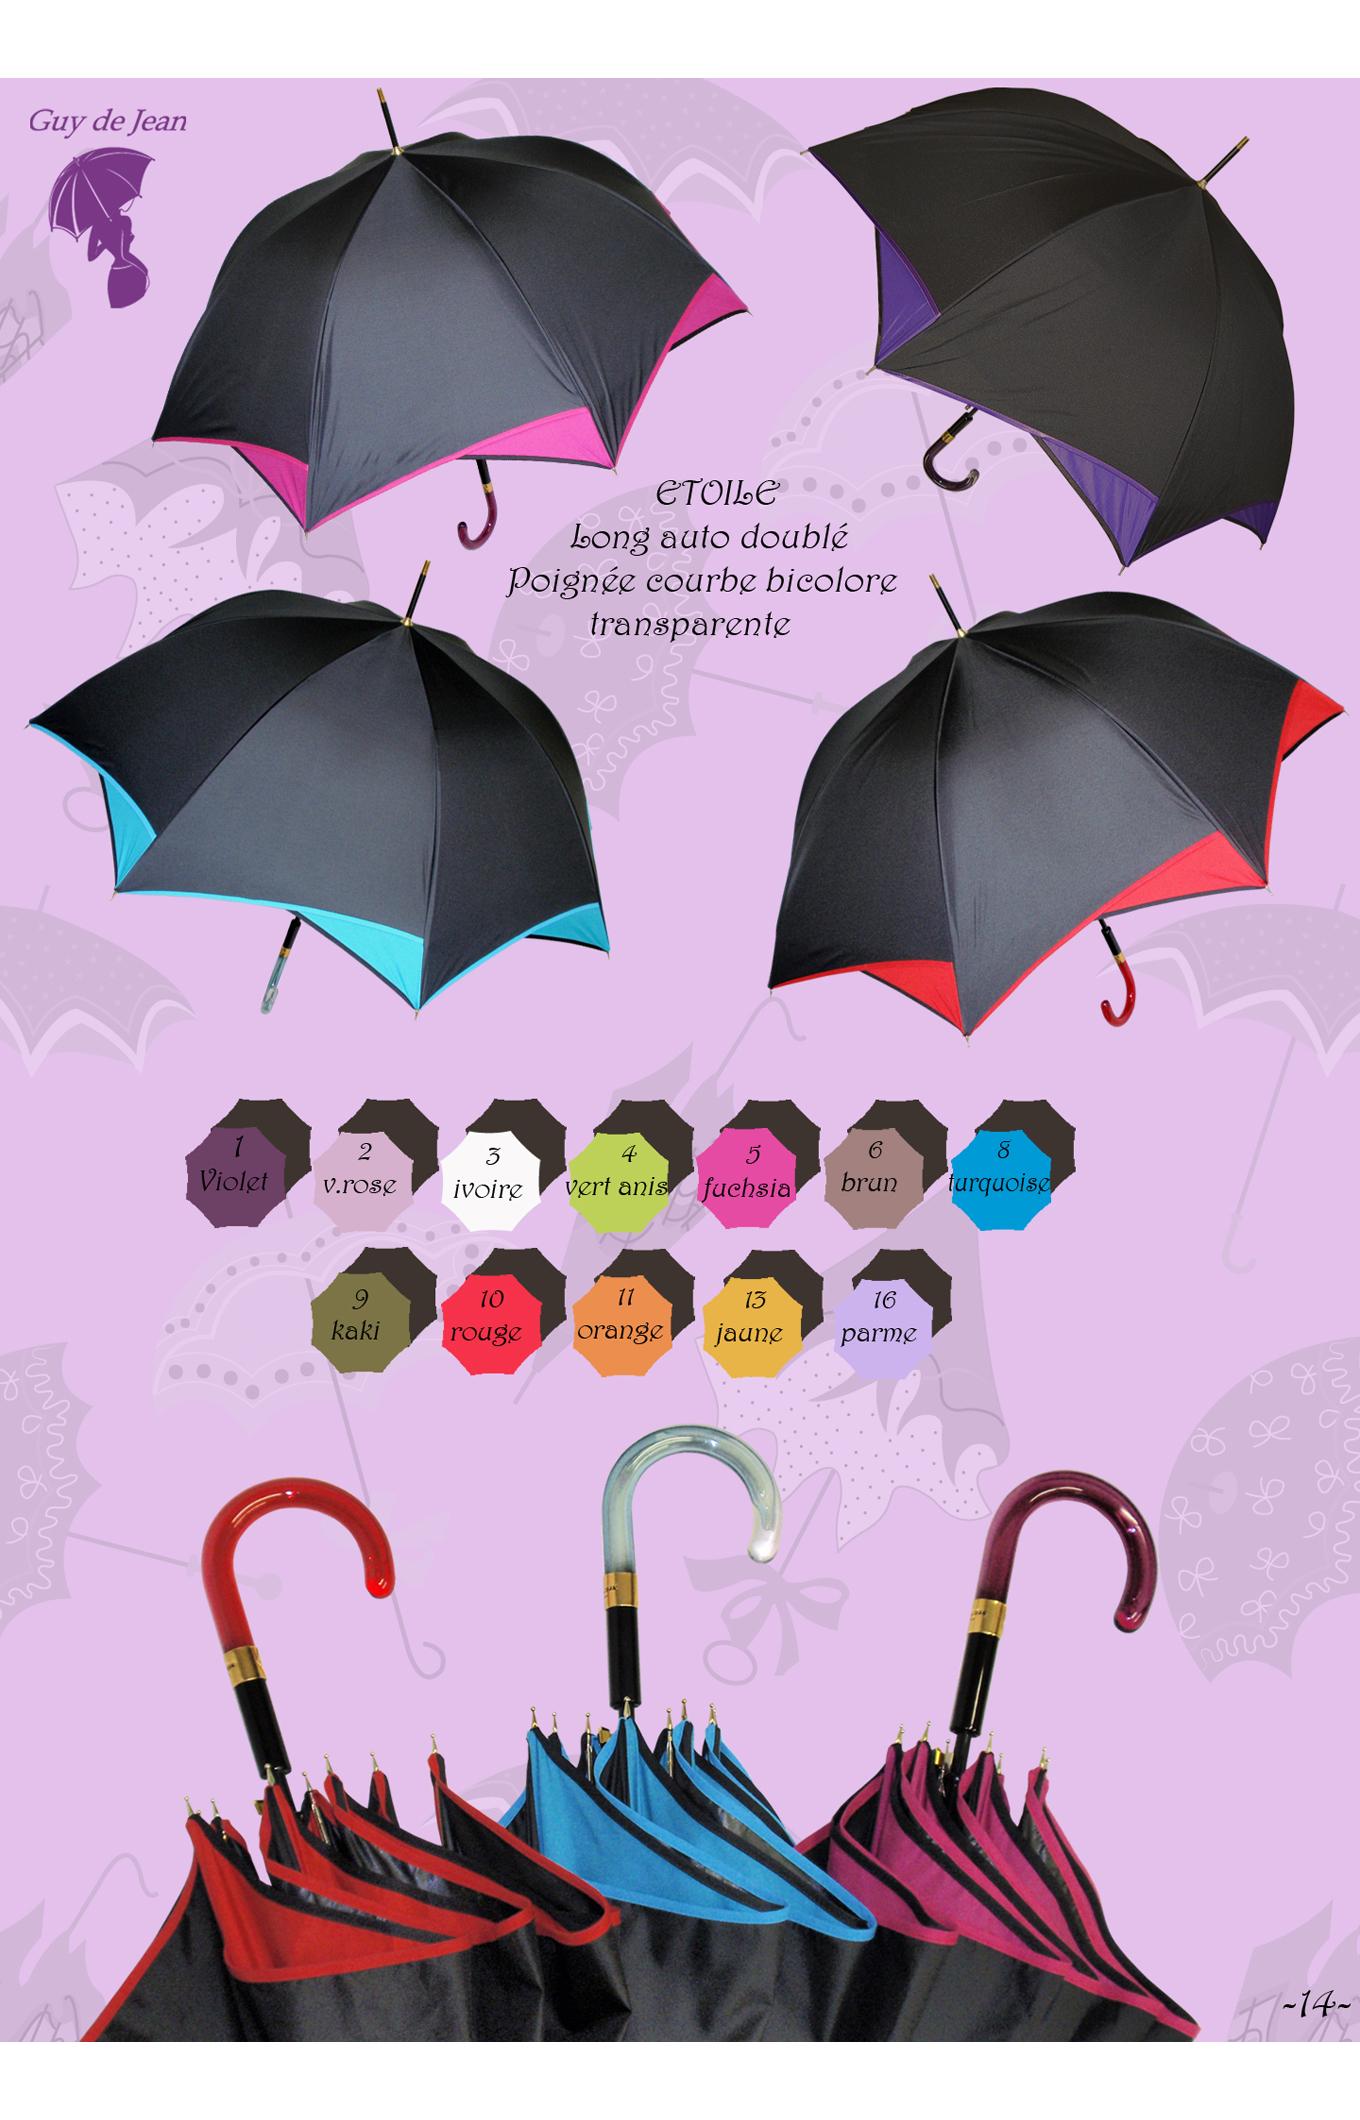 Guy de Jean <br>Umbrella 14